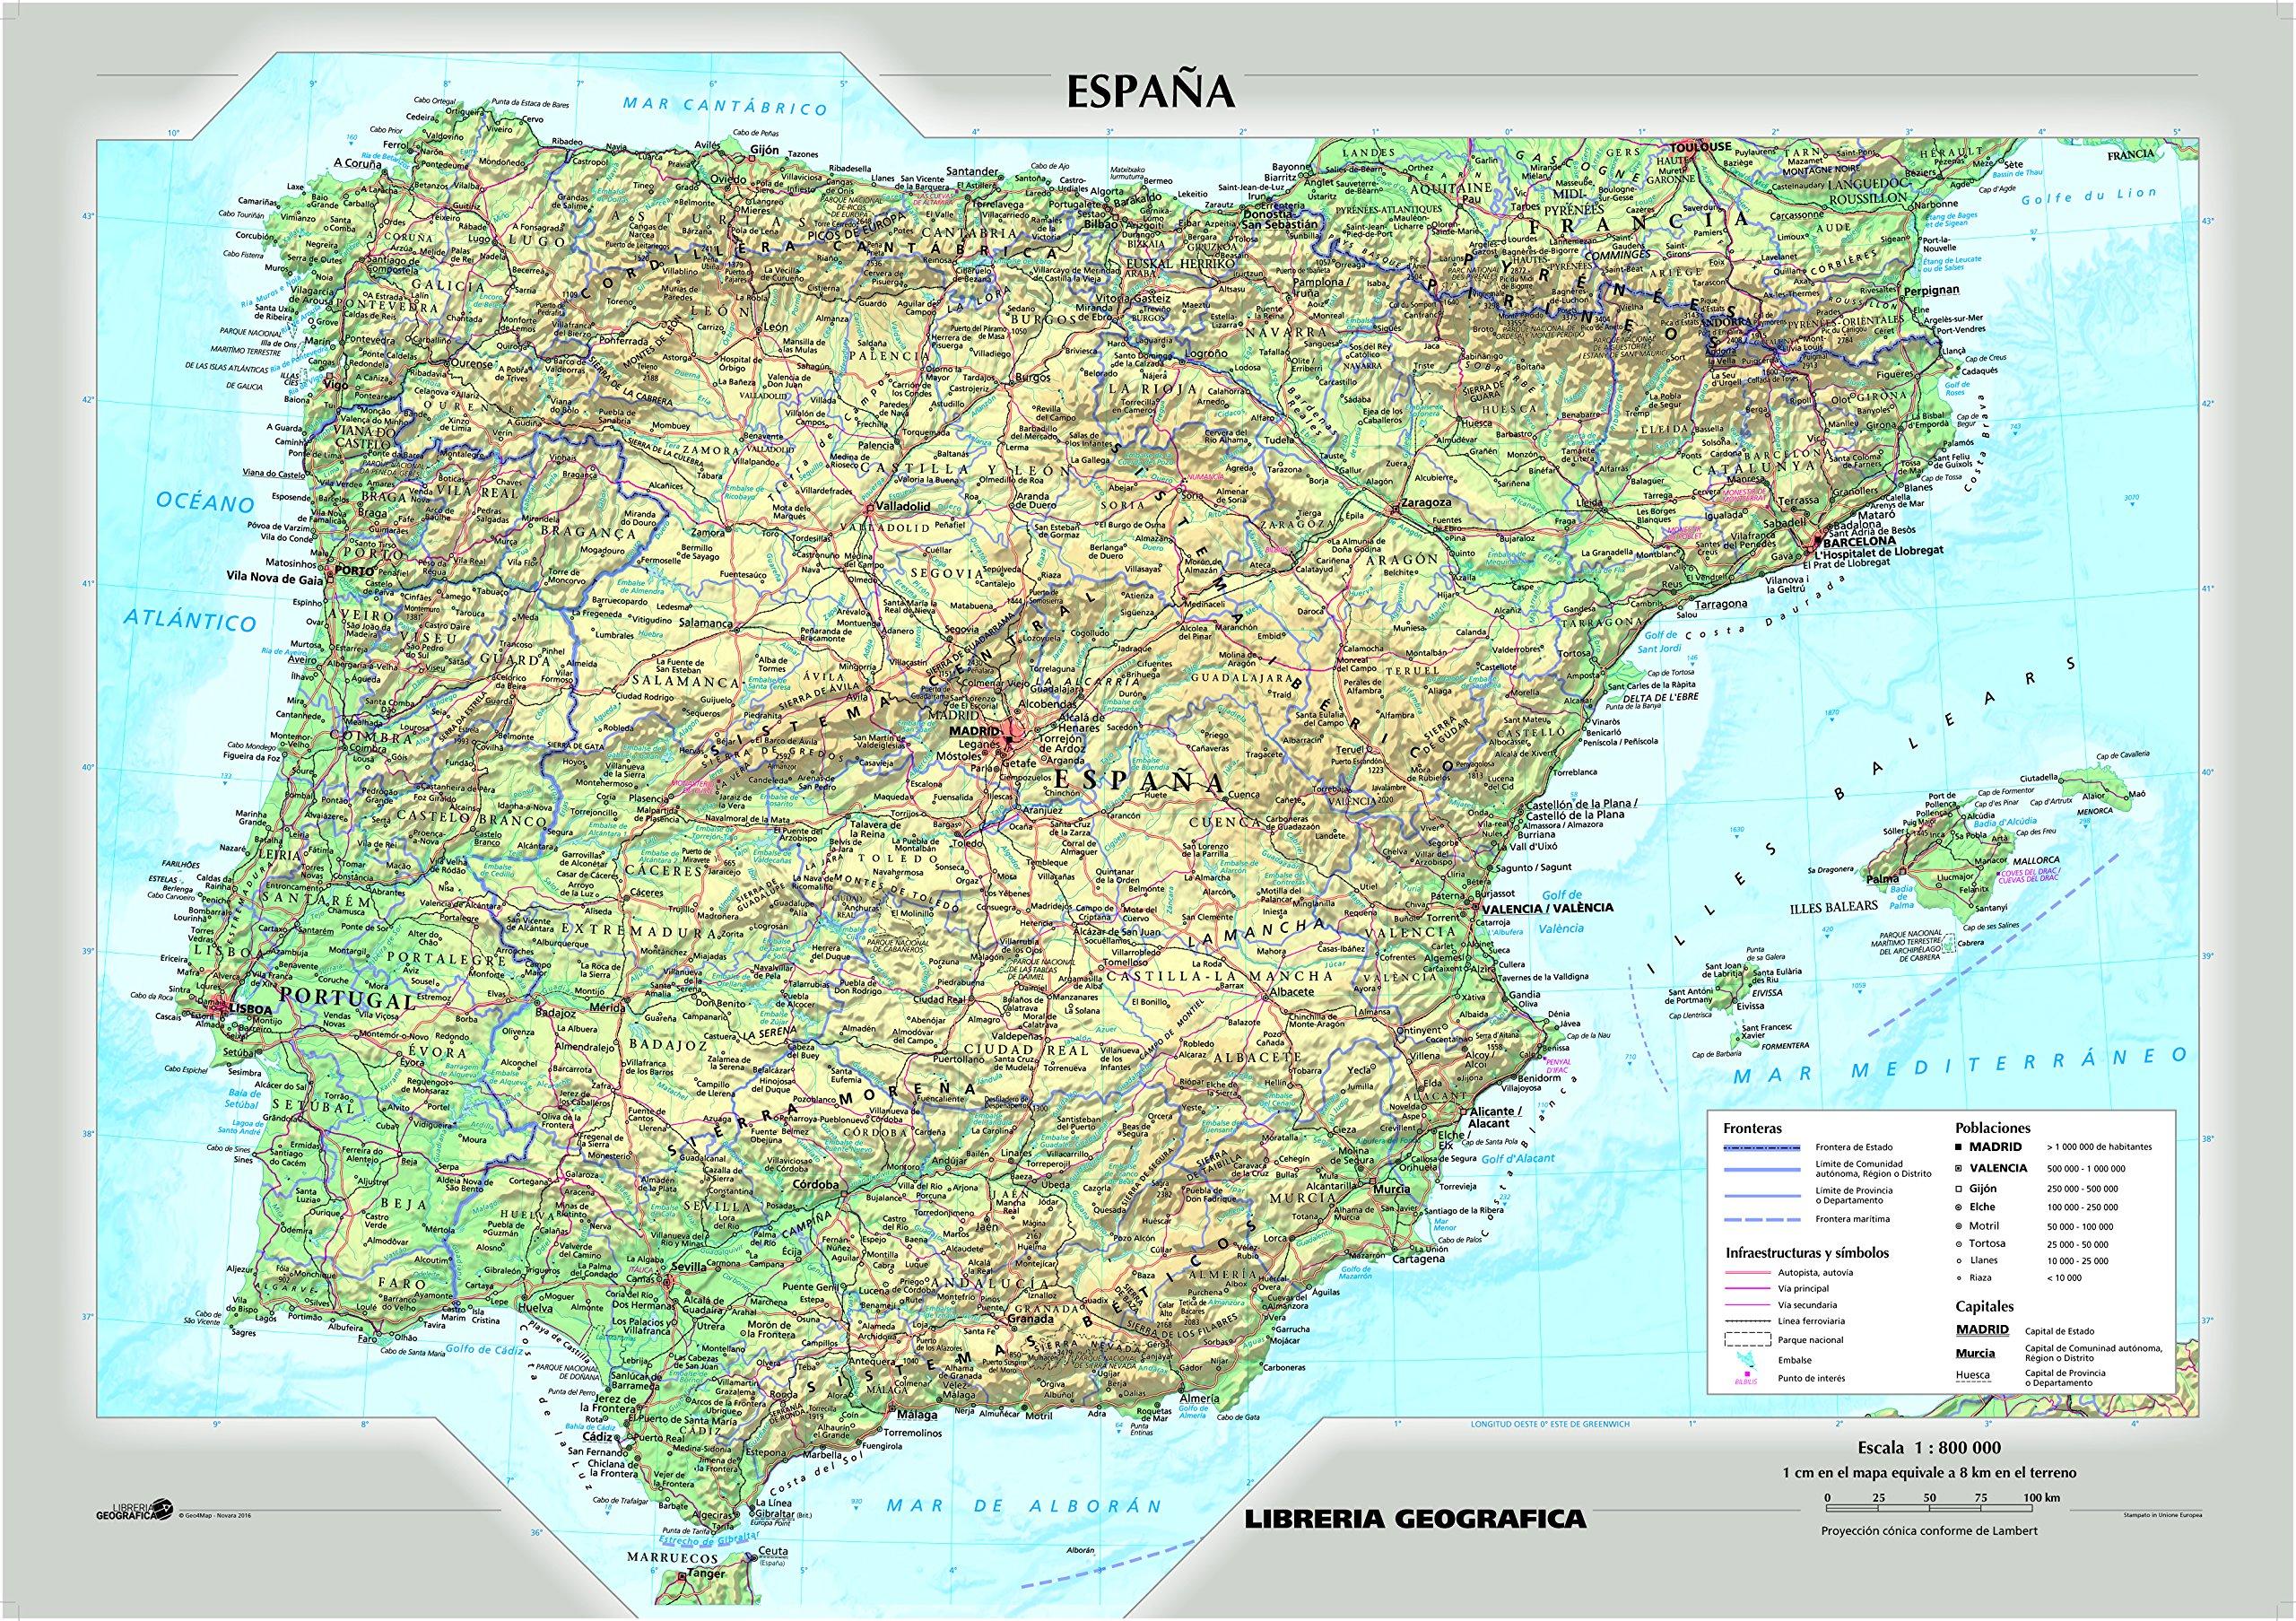 Cartina Politica Spagna E Portogallo.Amazon It Spagna Fisica E Politica Carta Murale Libri